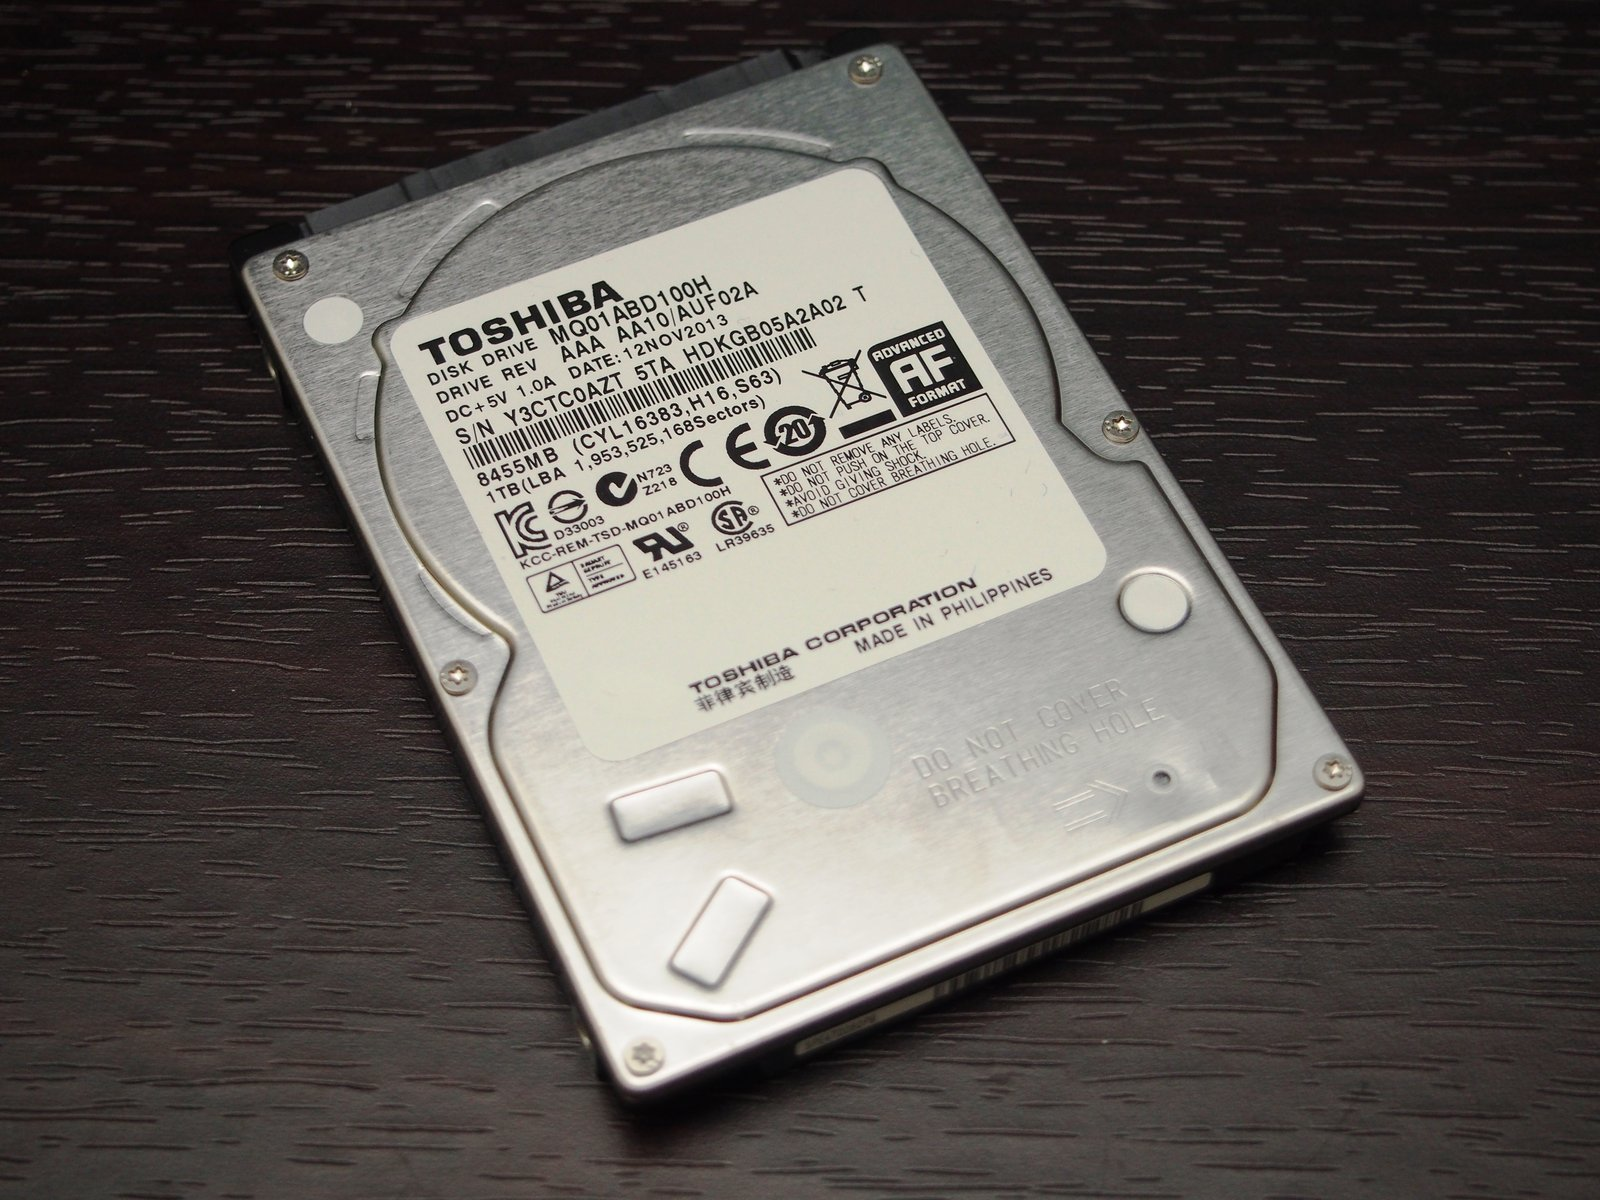 [XF] 2.5吋混合碟升級好選擇 Toshiba 1TB SSHD